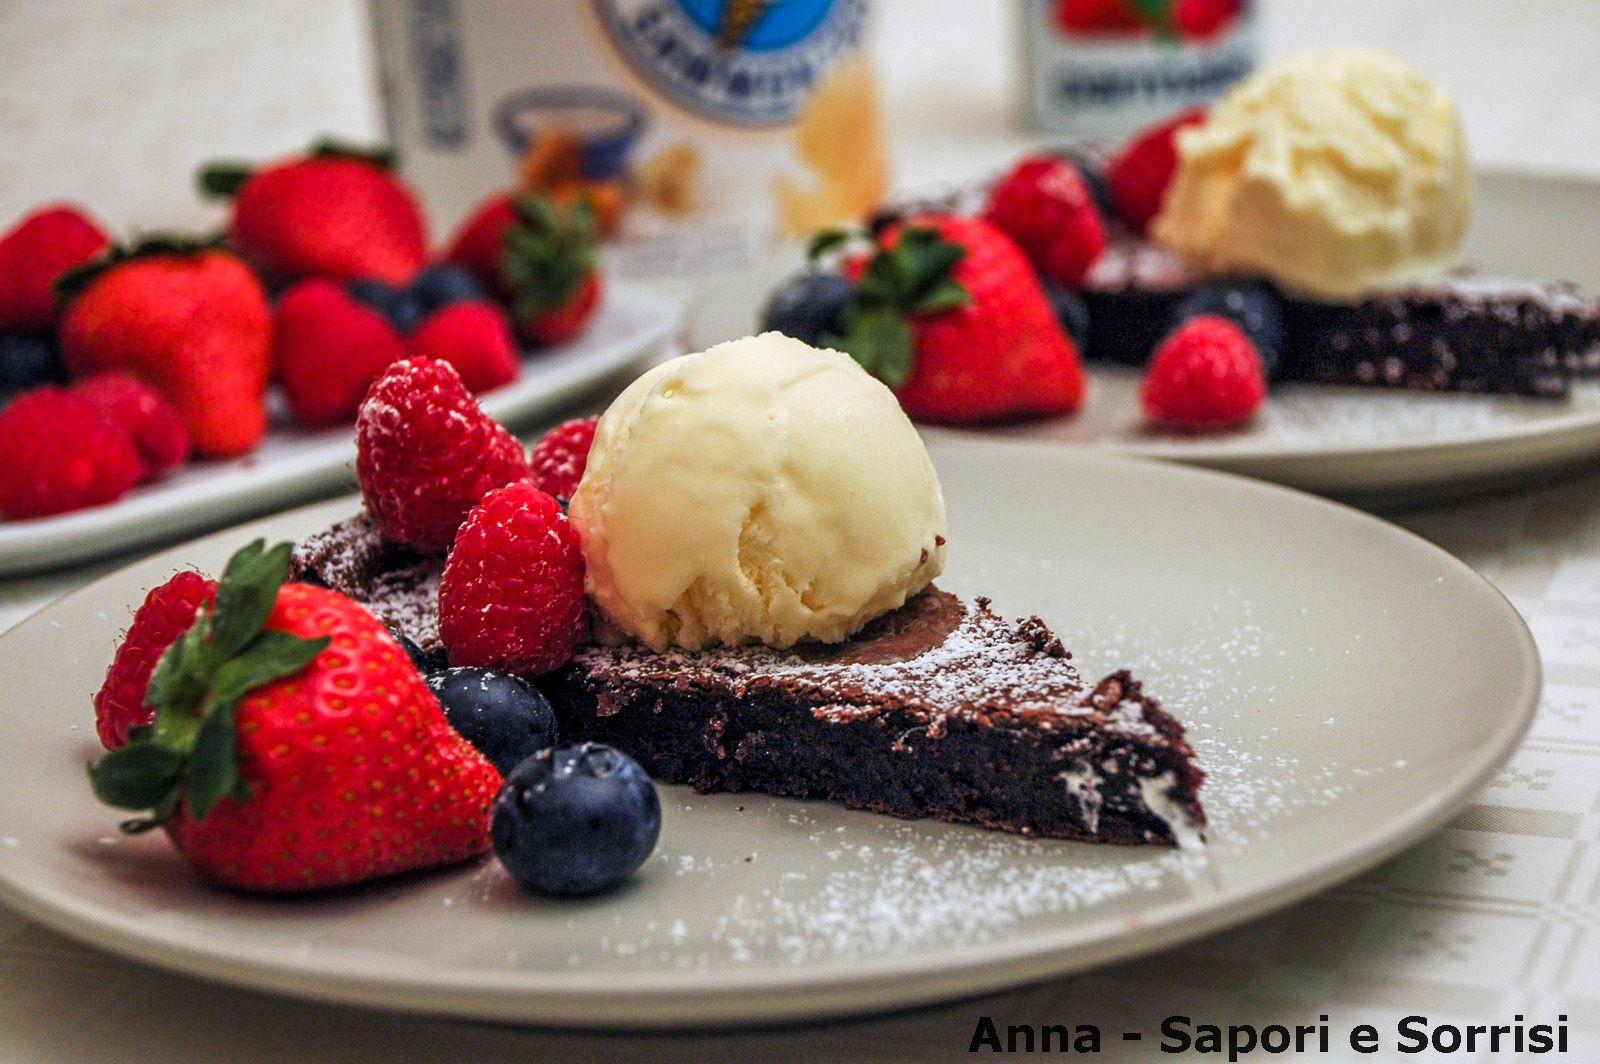 ANNA-SAPORI E SORRISI: Torta ultra cioccolatosa con gelato alla crema e frutti di bosco